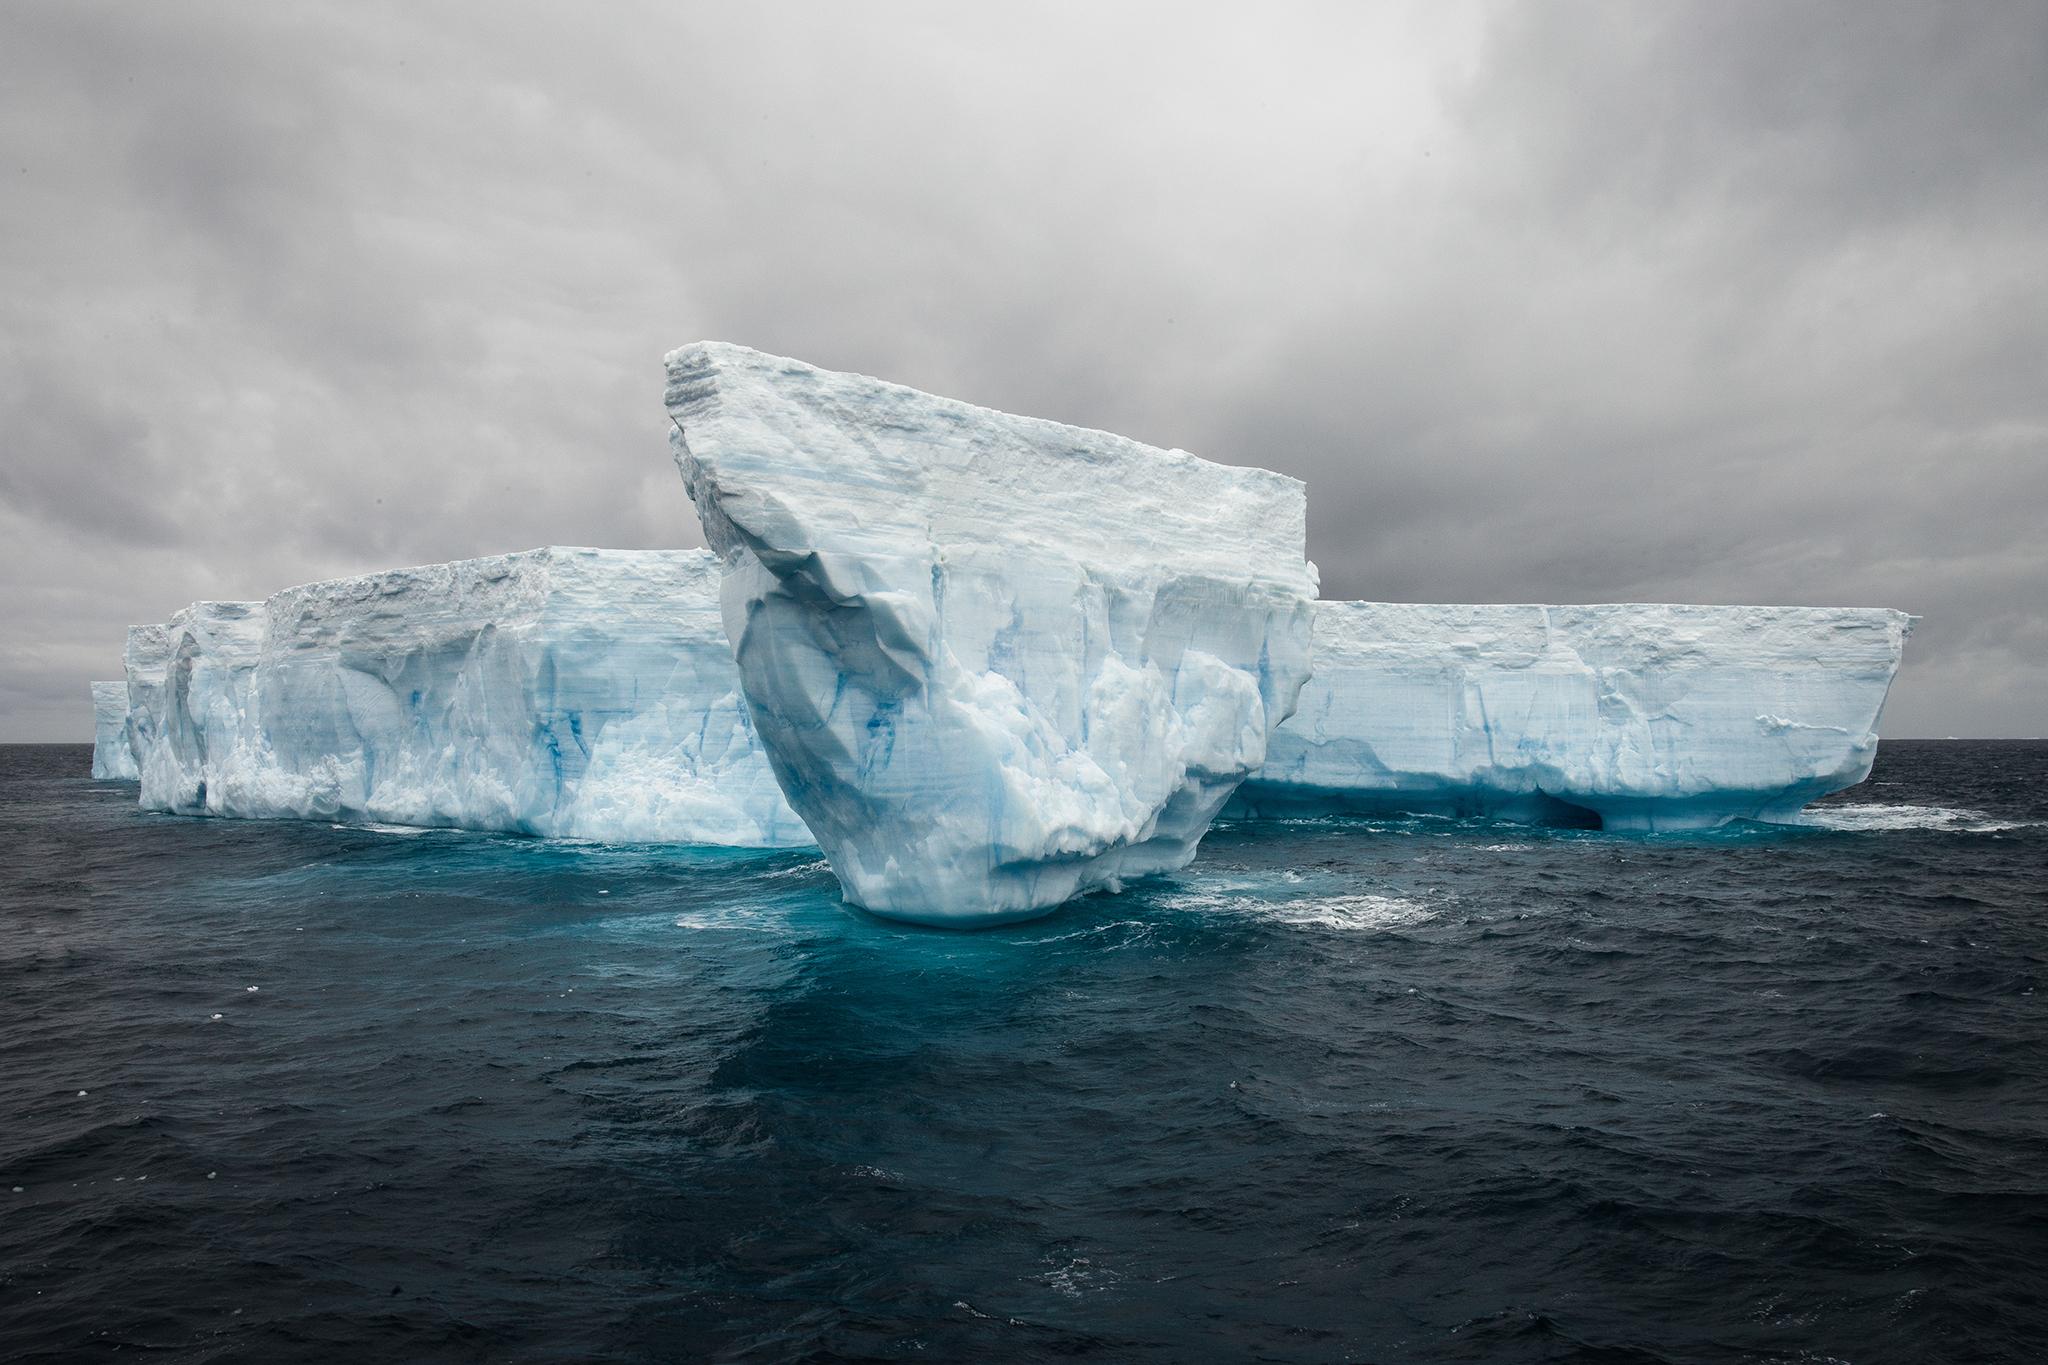 008-TW-Icebergs-140109.jpg